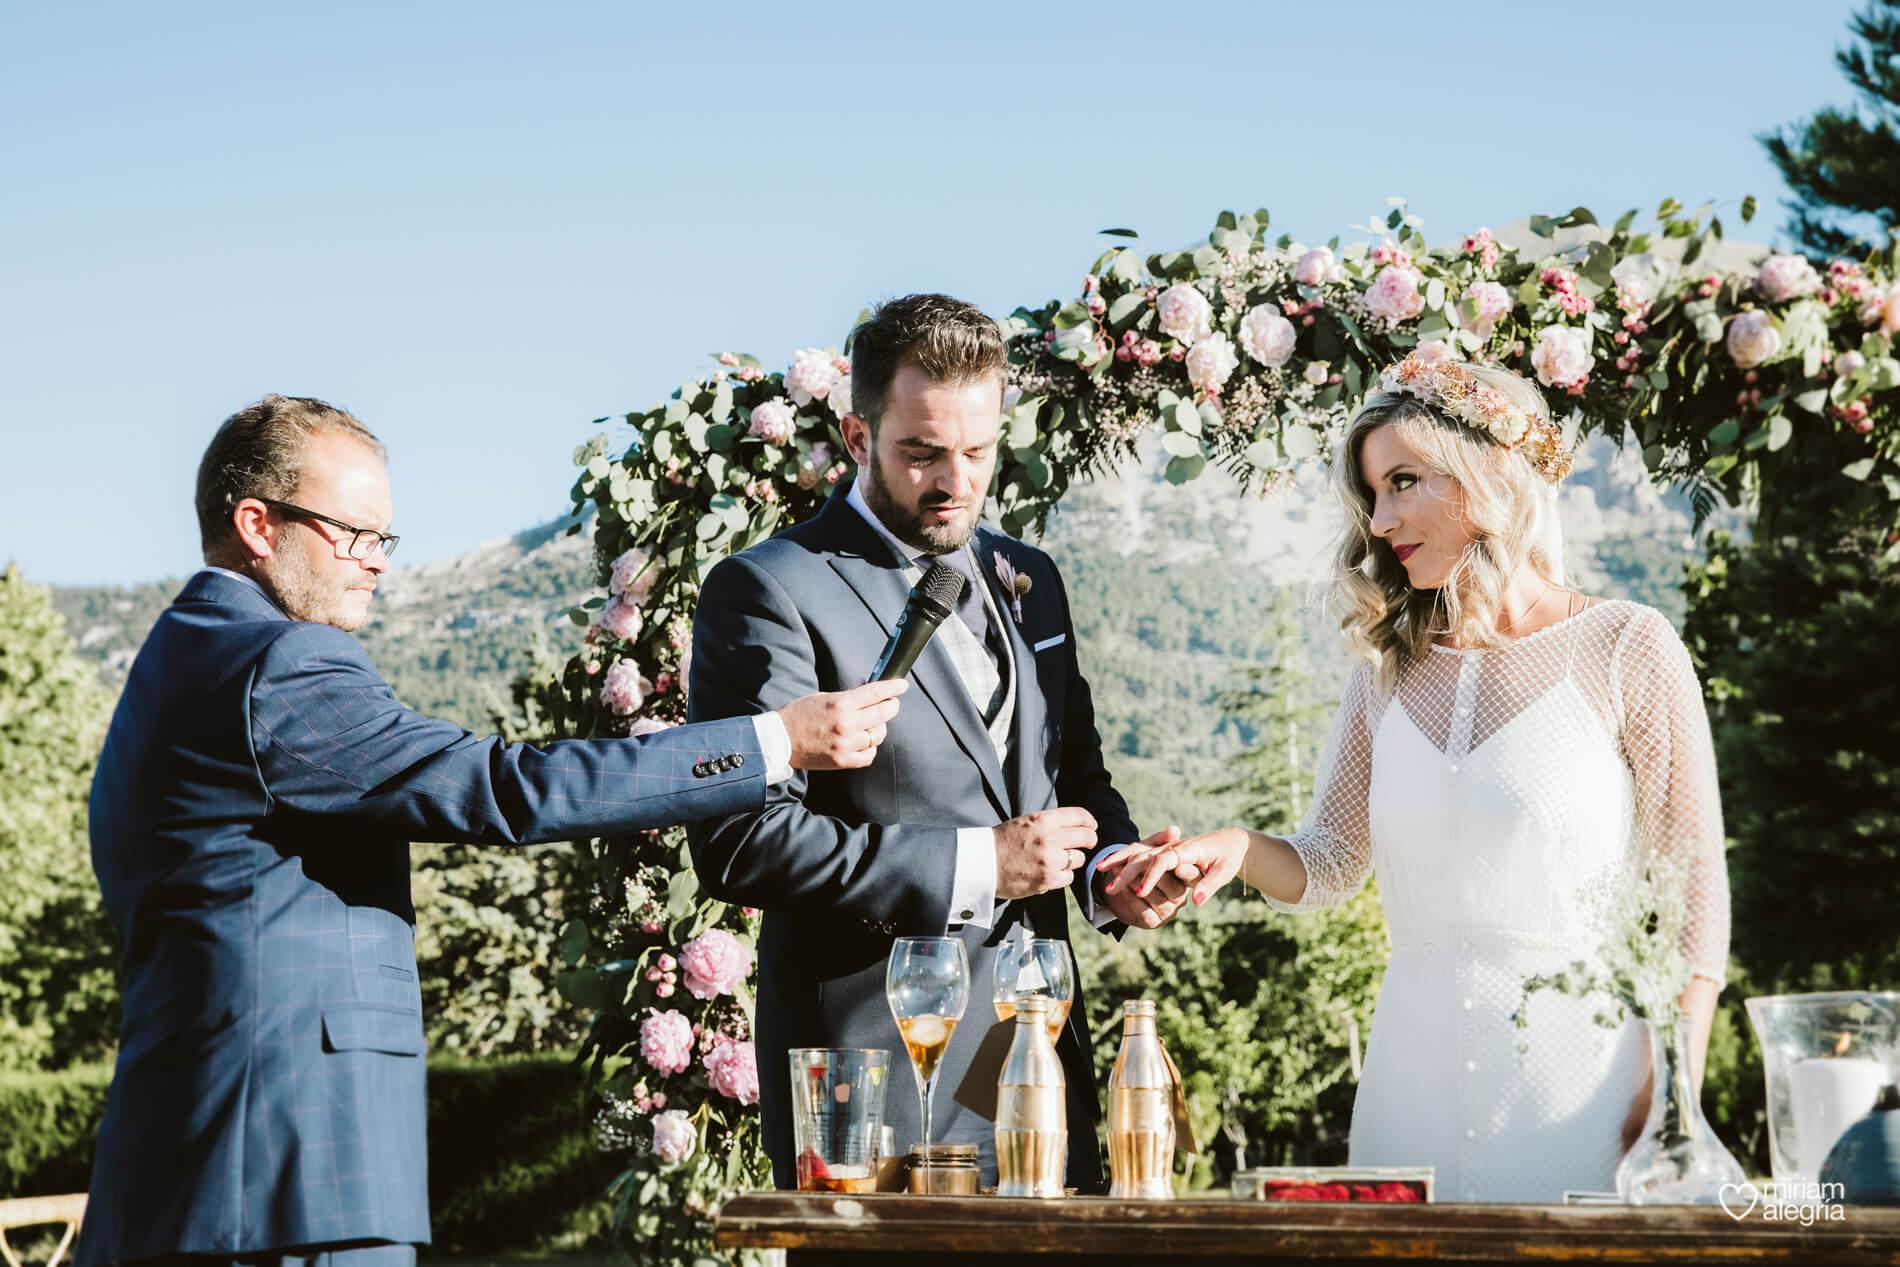 boda-en-collados-miriam-alegria-cayetana-ferrer-60